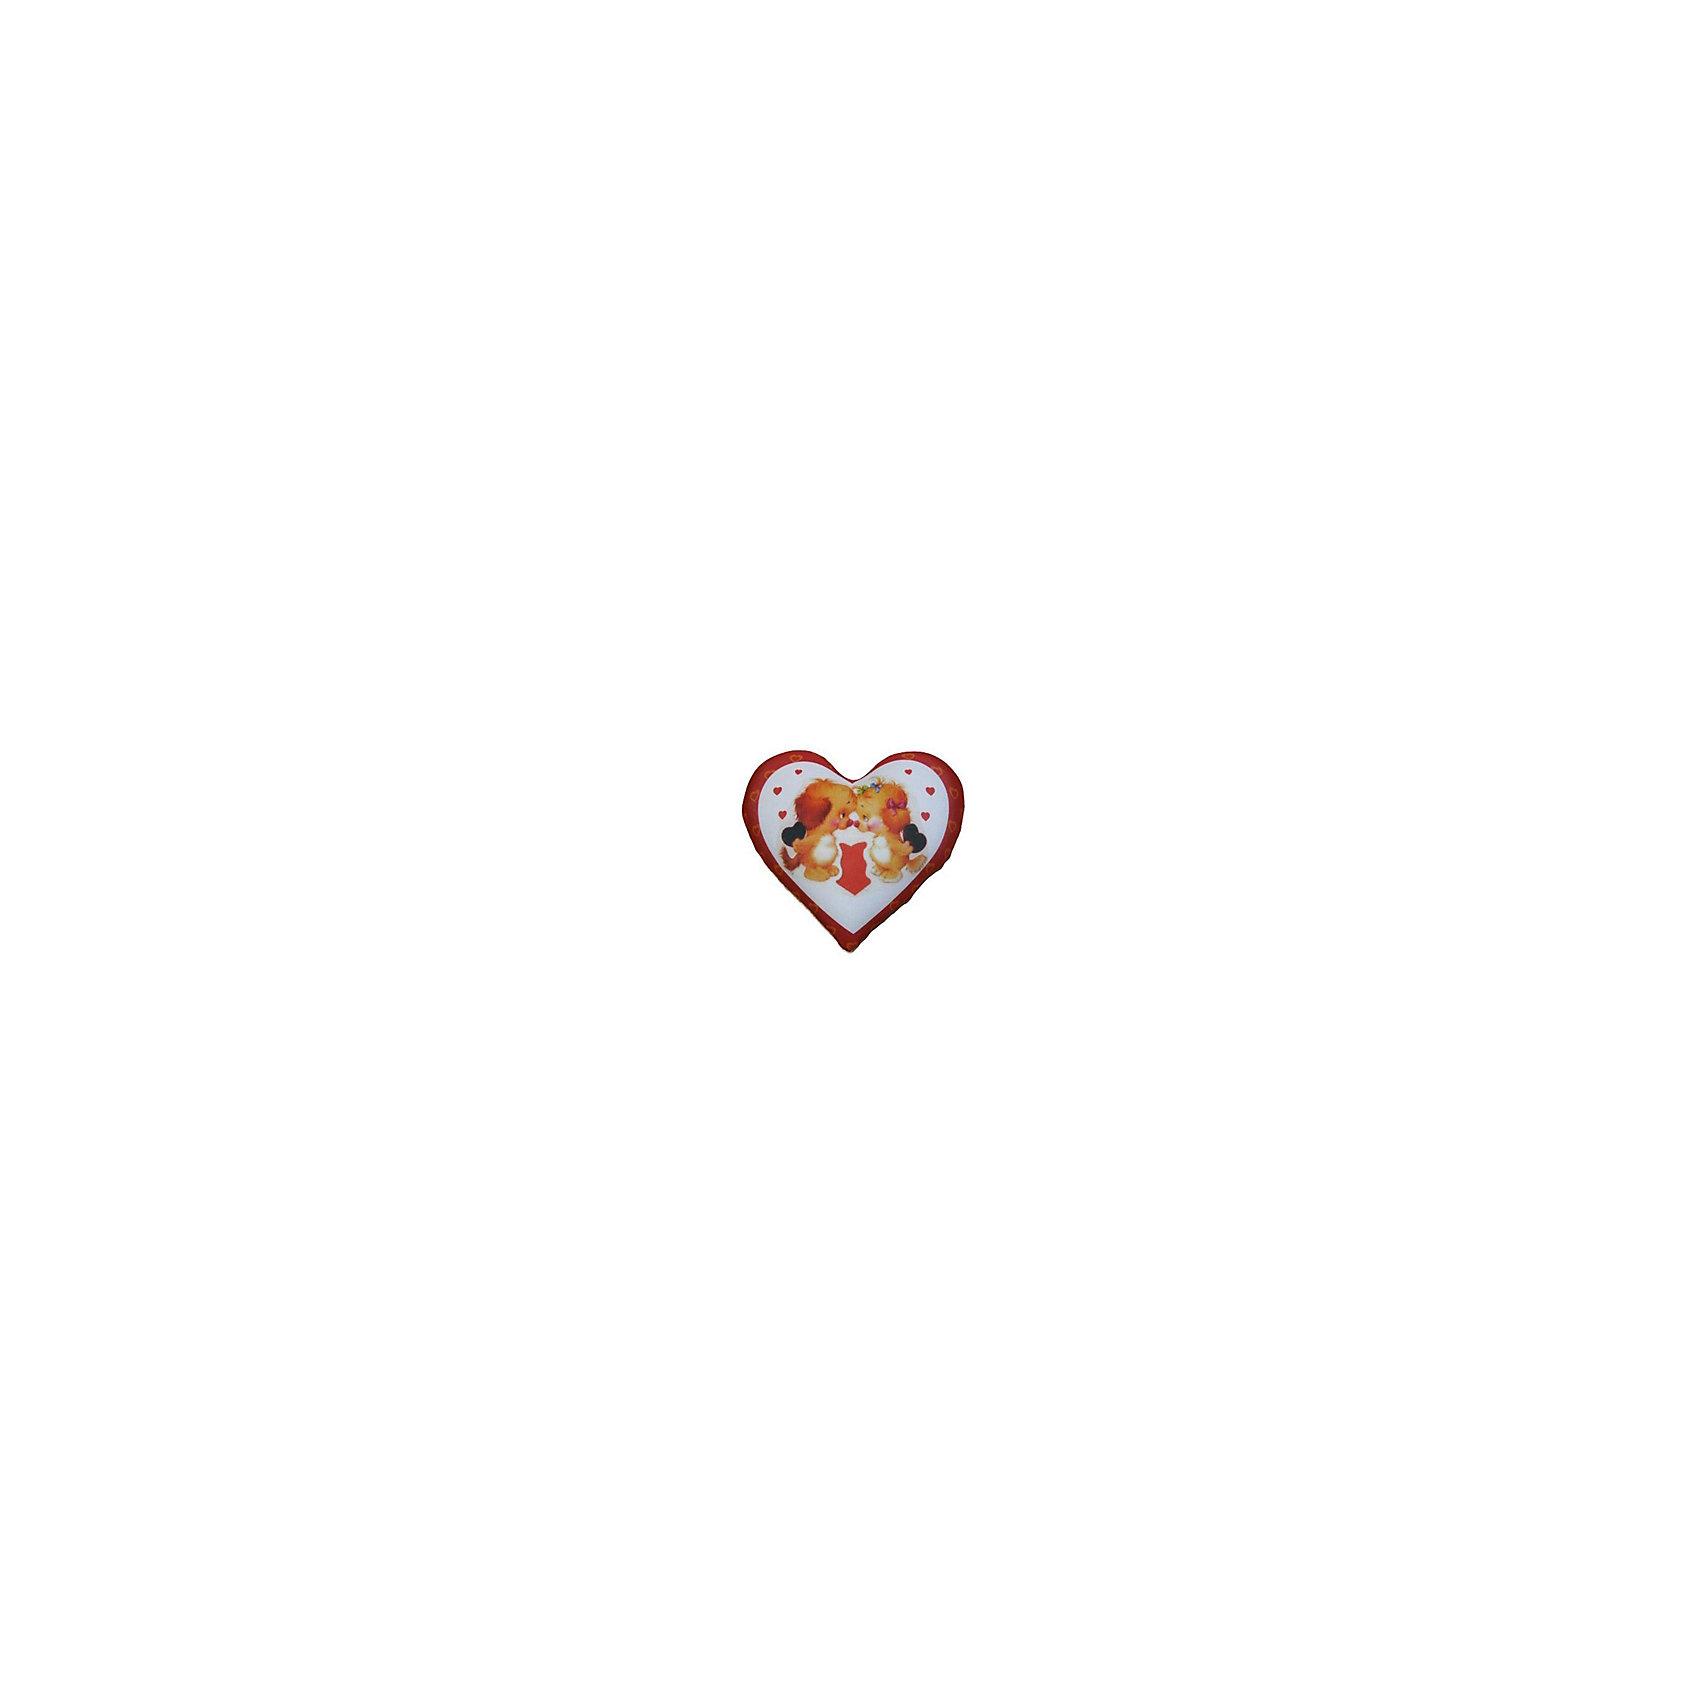 Валентинка-антистресс В18 см, арт. 2585/КР-6Домашний текстиль<br>Валентинка-антистресс В18 см, арт. 2585/КР-6 – эта подушка-антистресс снимет напряжение и поднимет настроение, как детям, так и взрослым.<br>Мягкая подушка-антистресс выполнена в виде сердца с изображением двух милых щенков - мальчика и девочки. Она будет очаровательным украшением комнаты, а кроме того может стать очень нежным подарком. Подушка наполнена мелкими гранулами полистирола, а чехол изготовлен из мягкого, приятного на ощупь материала. Главное достоинство подушки - это осязательный массаж, приятный, полезный и антидепрессивный. Она подходит абсолютно всем, поскольку не вызывают аллергии.<br><br>Дополнительная информация:<br><br>- Материал верха: текстиль<br>- Наполнитель: гранулы полистирола<br>- Размер: 18 см.<br>- Вес: 45 гр.<br><br>Валентинку-антистресс В18 см, арт. 2585/КР-6 можно купить в нашем интернет-магазине.<br><br>Ширина мм: 60<br>Глубина мм: 180<br>Высота мм: 180<br>Вес г: 45<br>Возраст от месяцев: 36<br>Возраст до месяцев: 2147483647<br>Пол: Унисекс<br>Возраст: Детский<br>SKU: 4441598